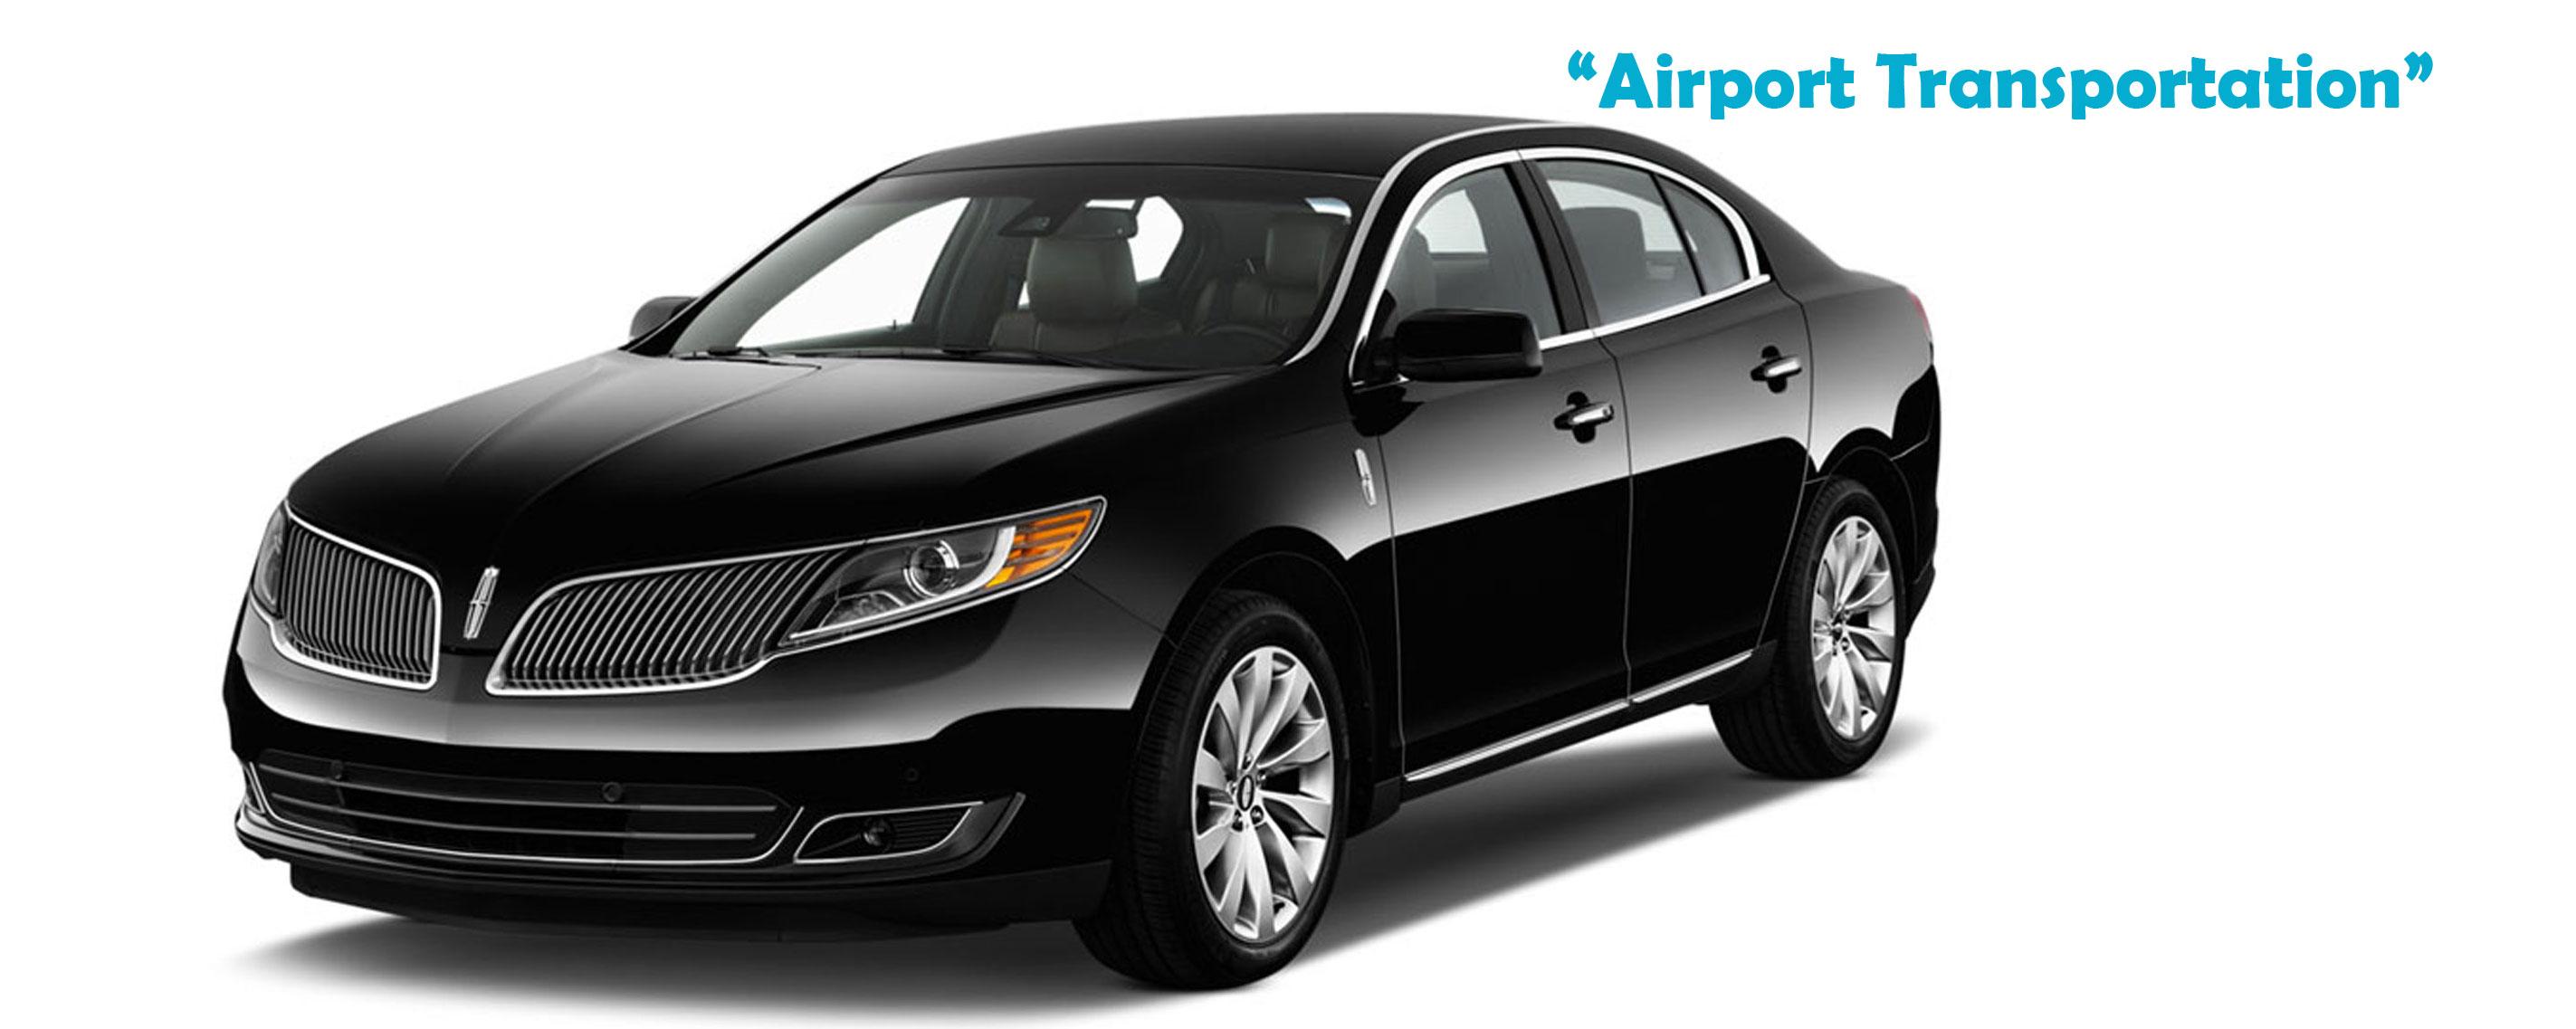 St Louis Airport & Corporate Transportation, Car Service & Limousine